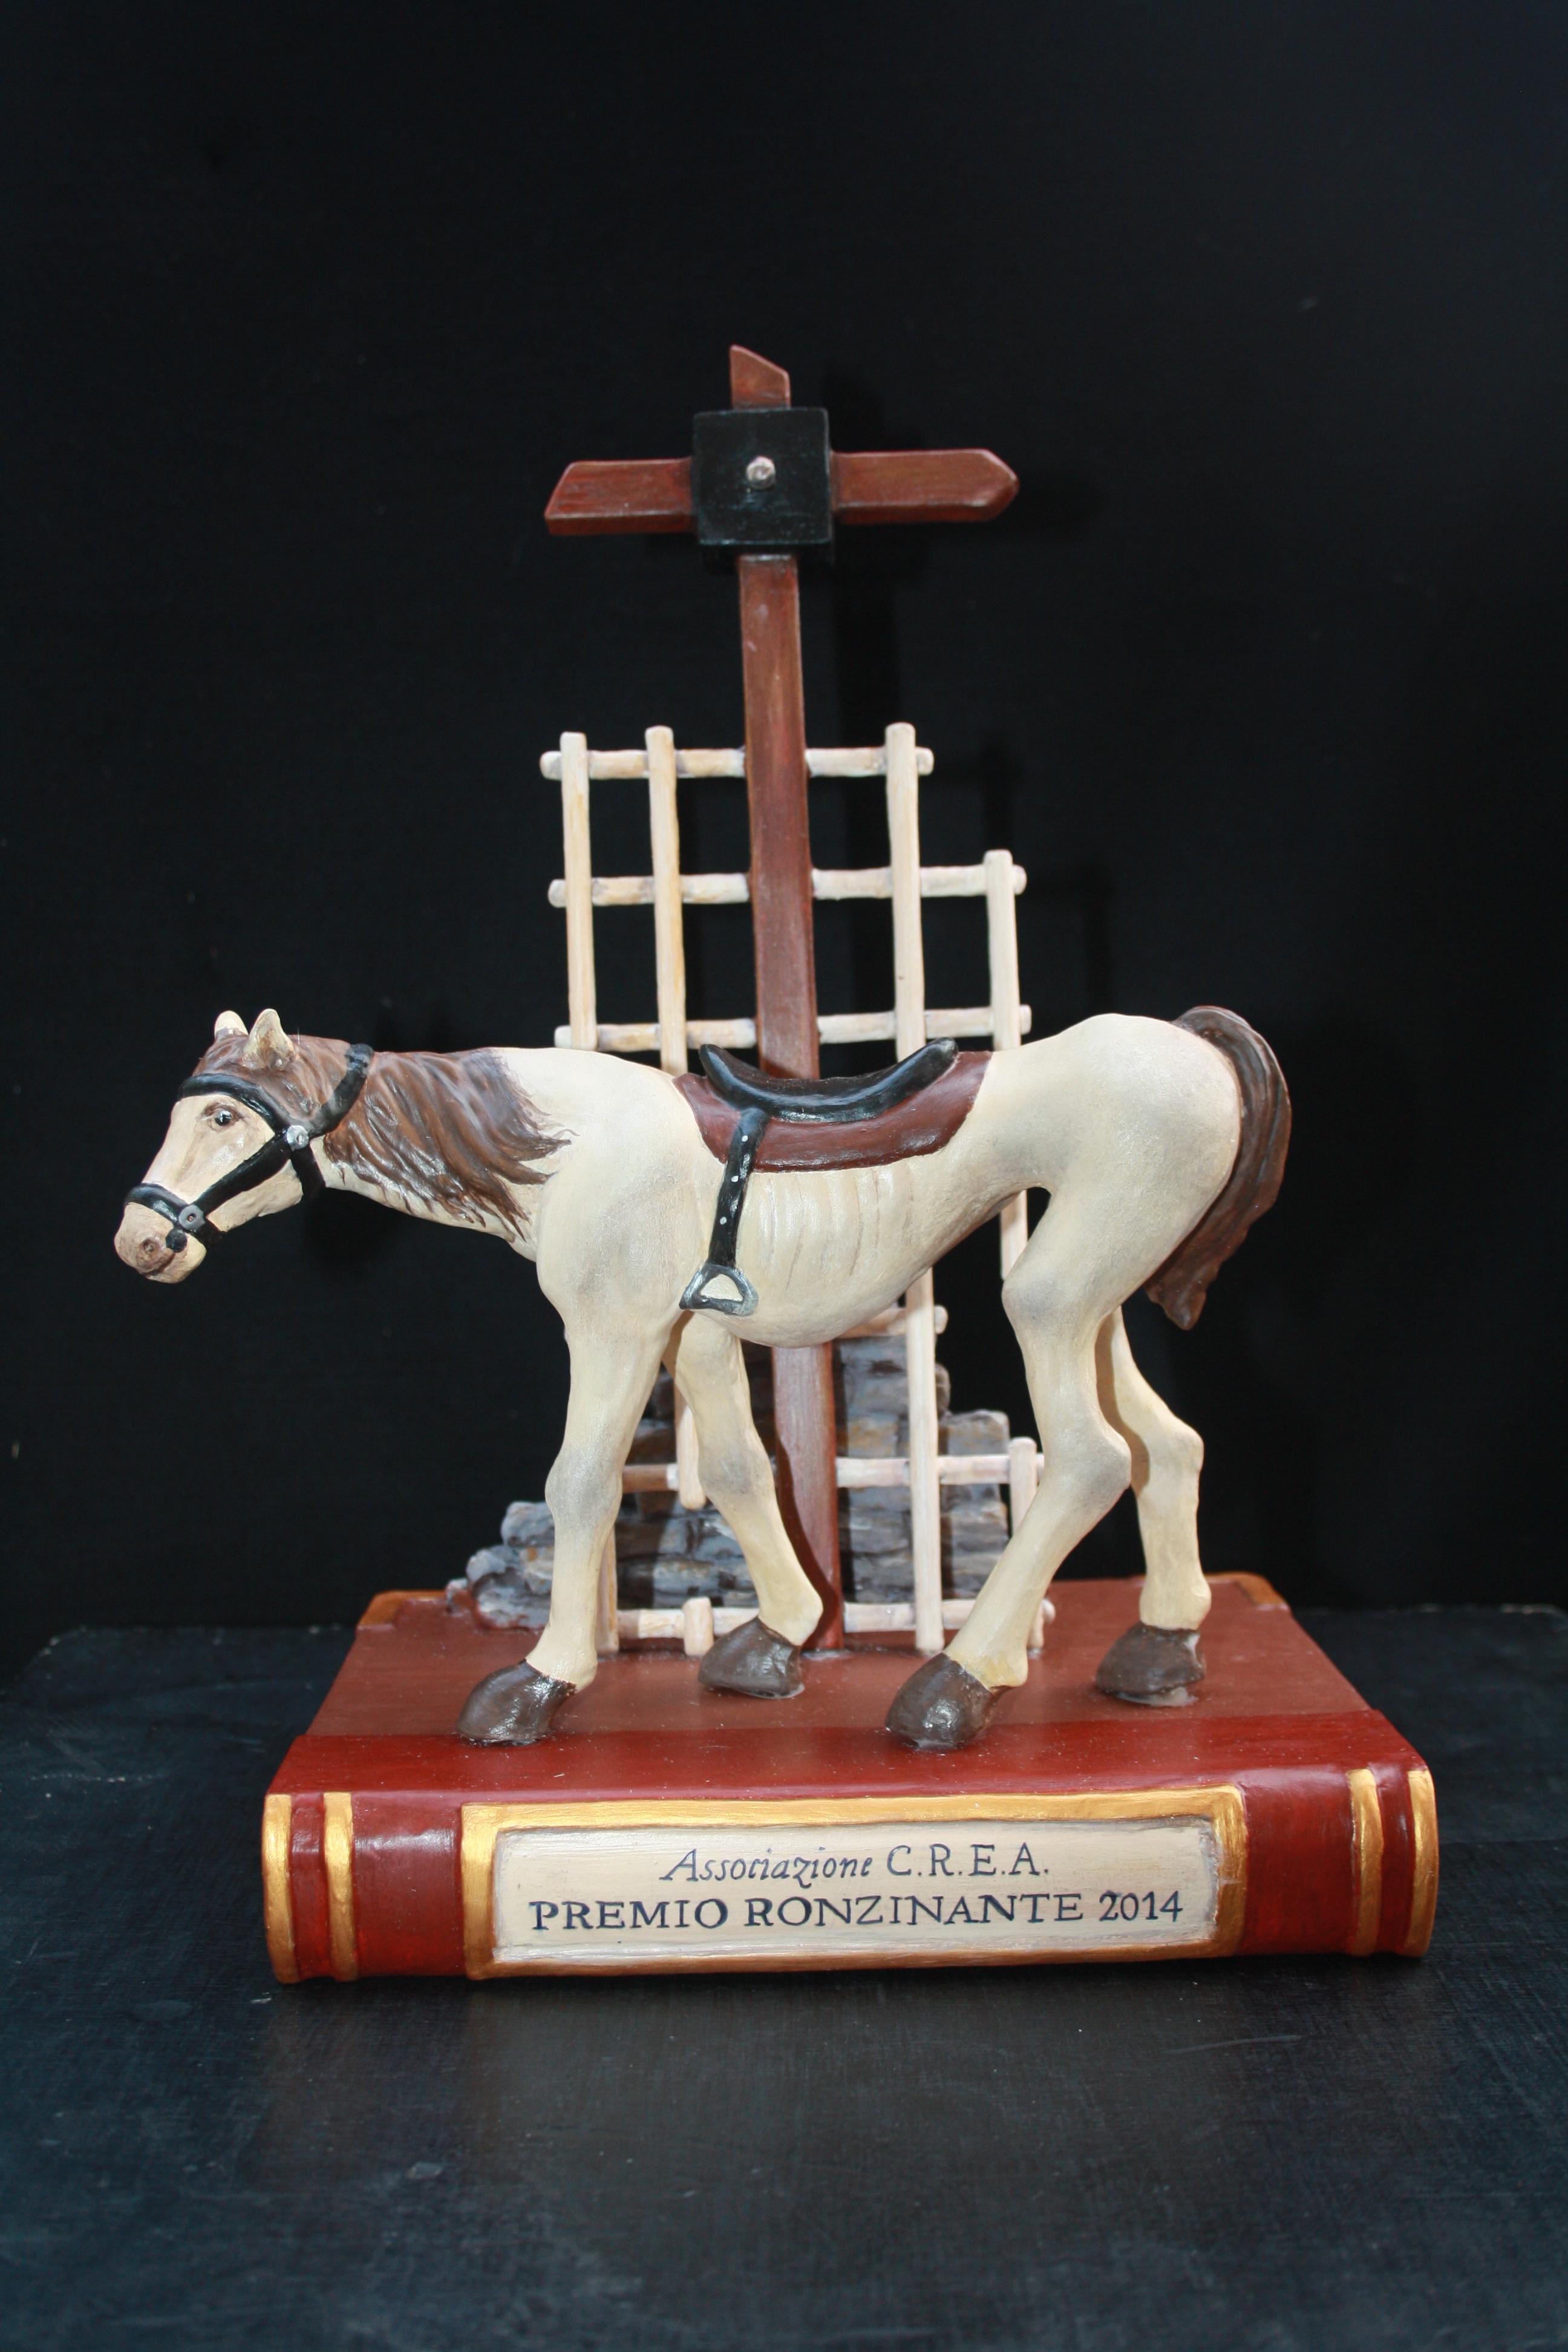 Selezionati Premio Ronzinante 2017